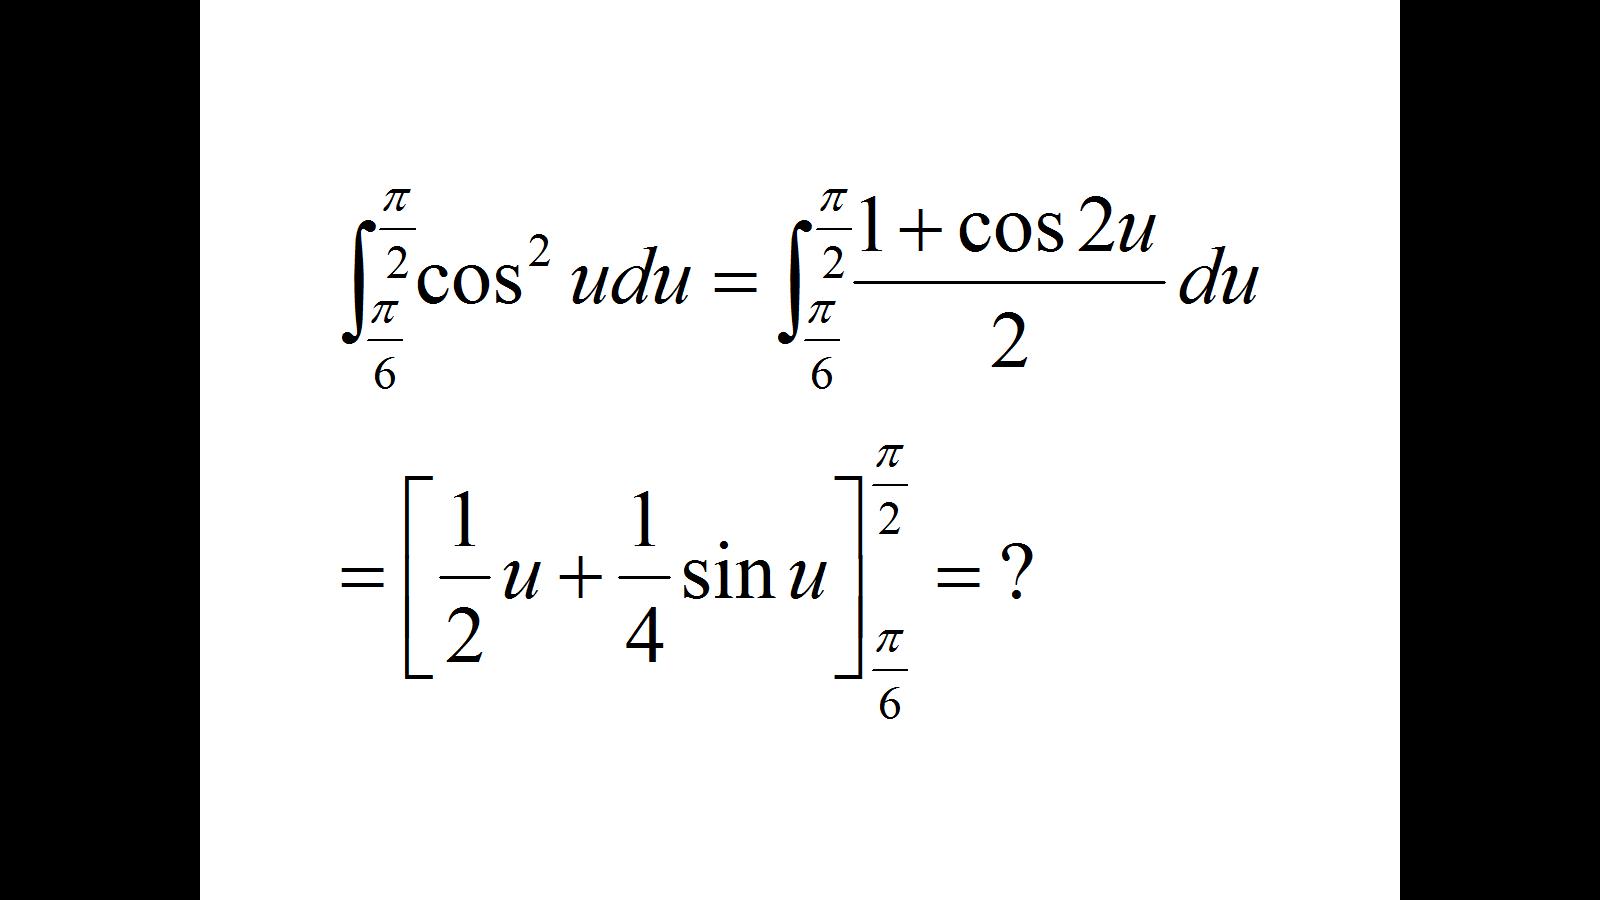 cosu^2du